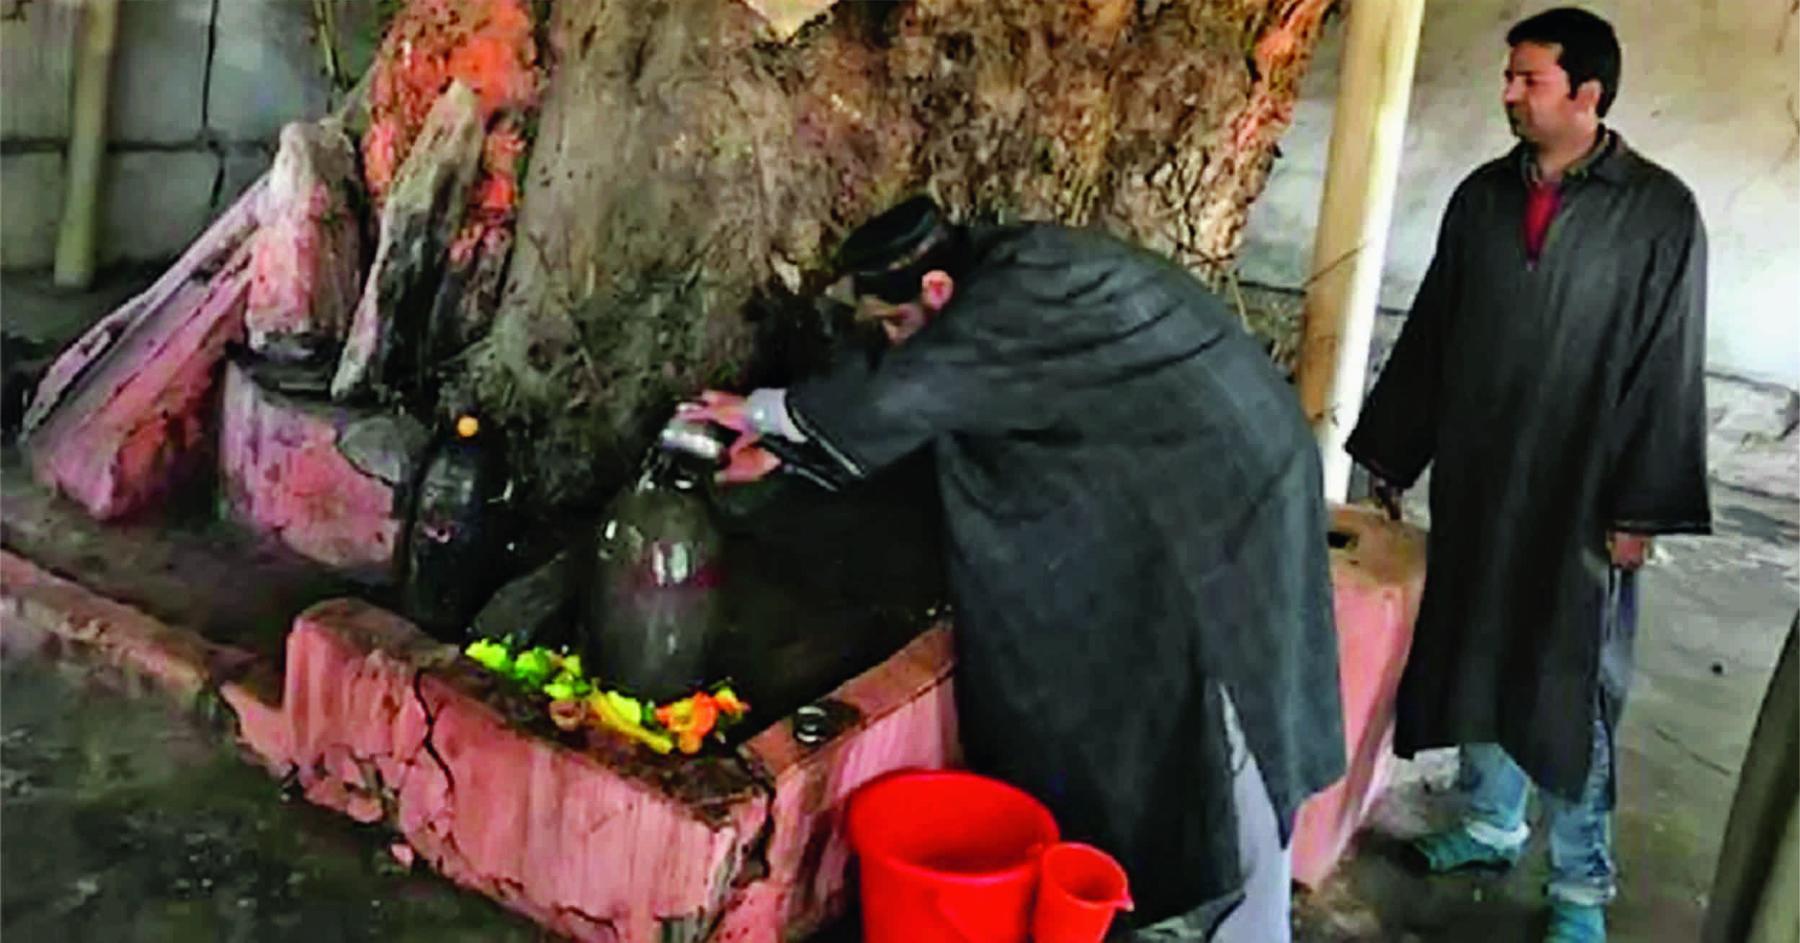 કાશ્મીર ખીણપ્રદેશમાં ૨૭ વર્ષ જુનું મંદિર ઘંટારવથી ગાજી ઊઠ્યું